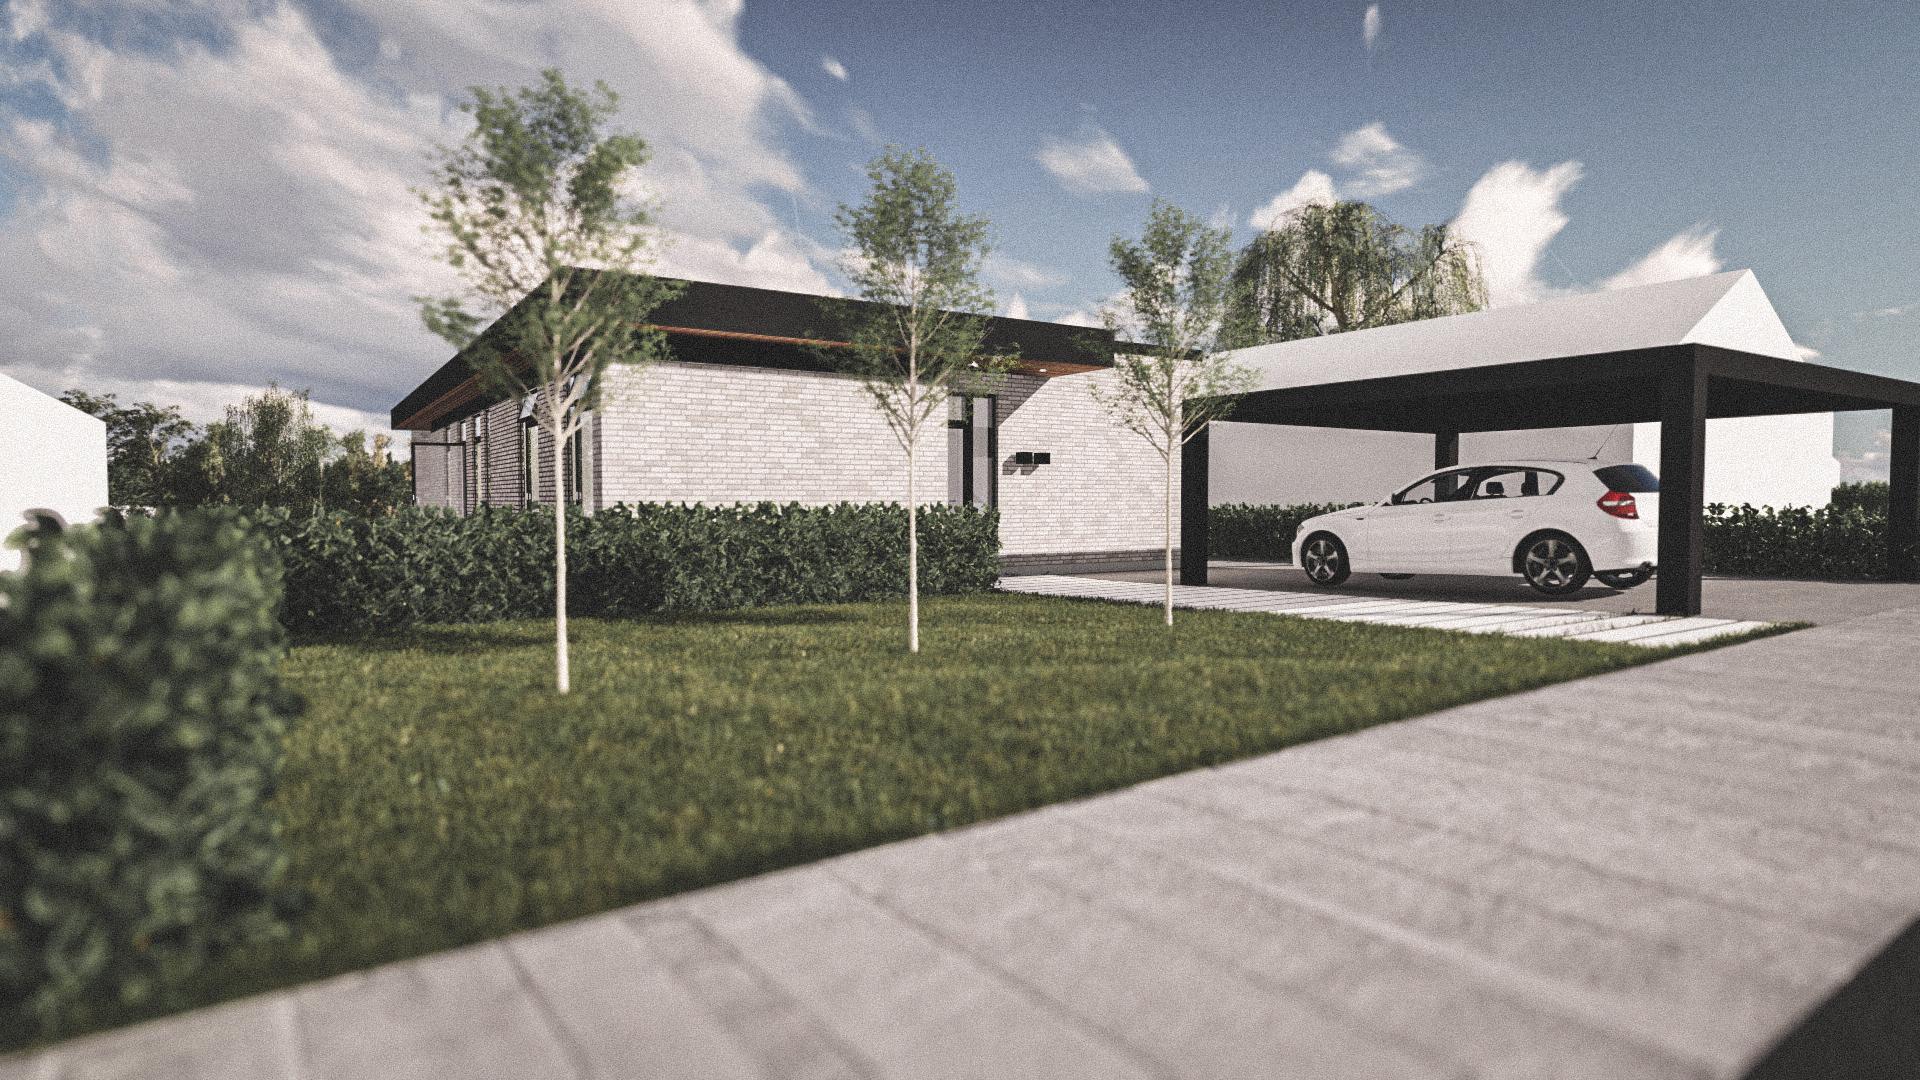 Billede af Dansk arkitekttegnet 1 plan villa af arkitektfirmaet m2plus, i Viborg på 169 kvartratmeter.